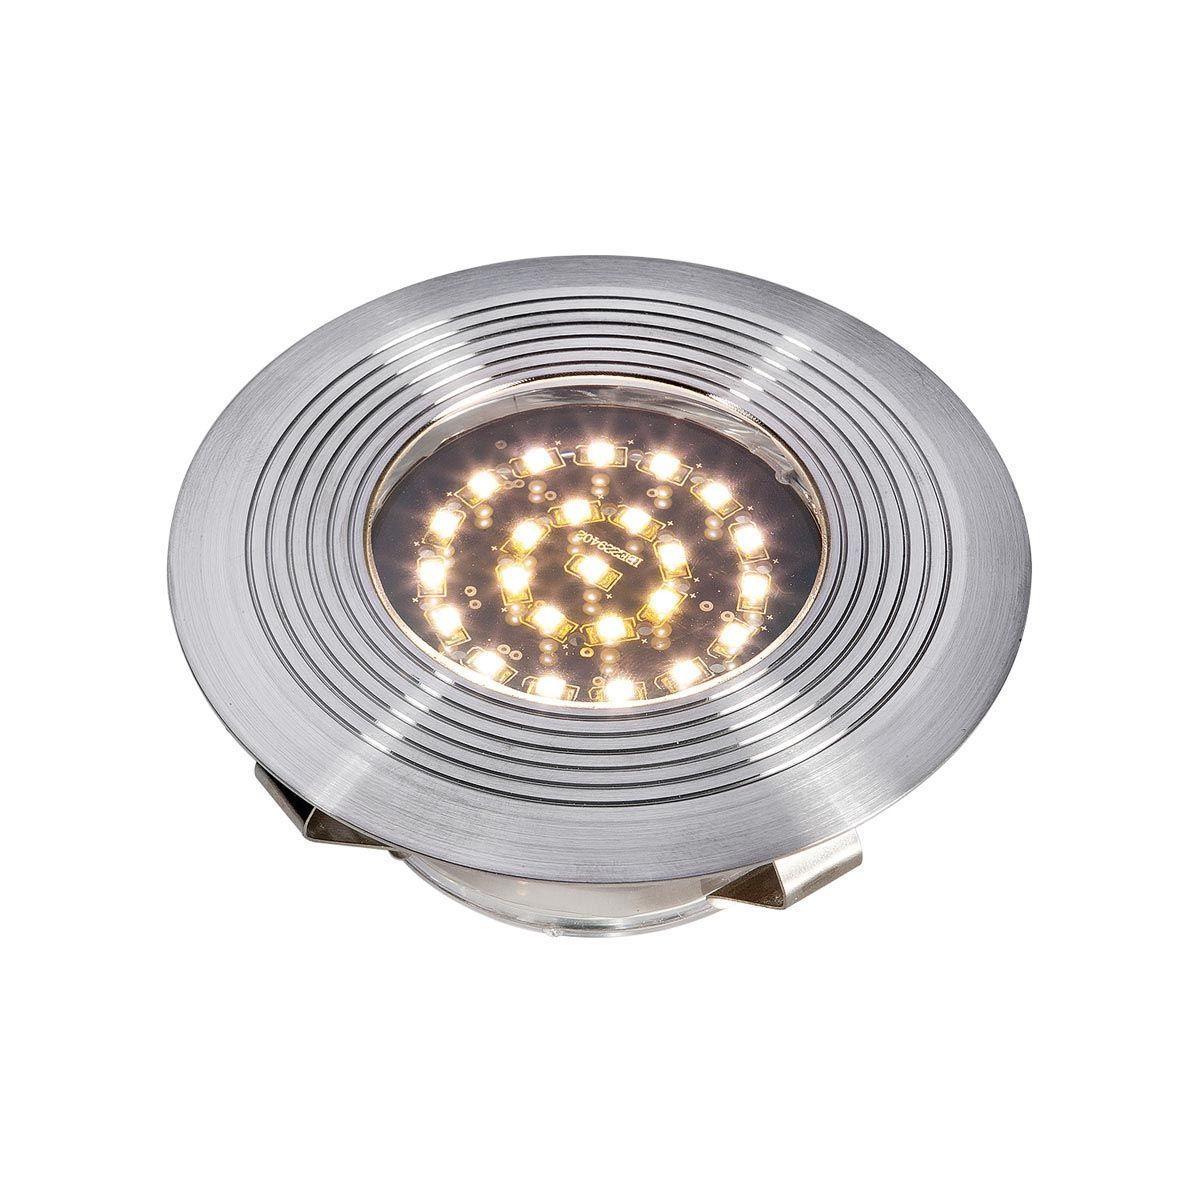 Einbauleuchte Mika R1, aus Edelstahl, 2 W LED, warm weiss, 12 V, 45 x 105 mm